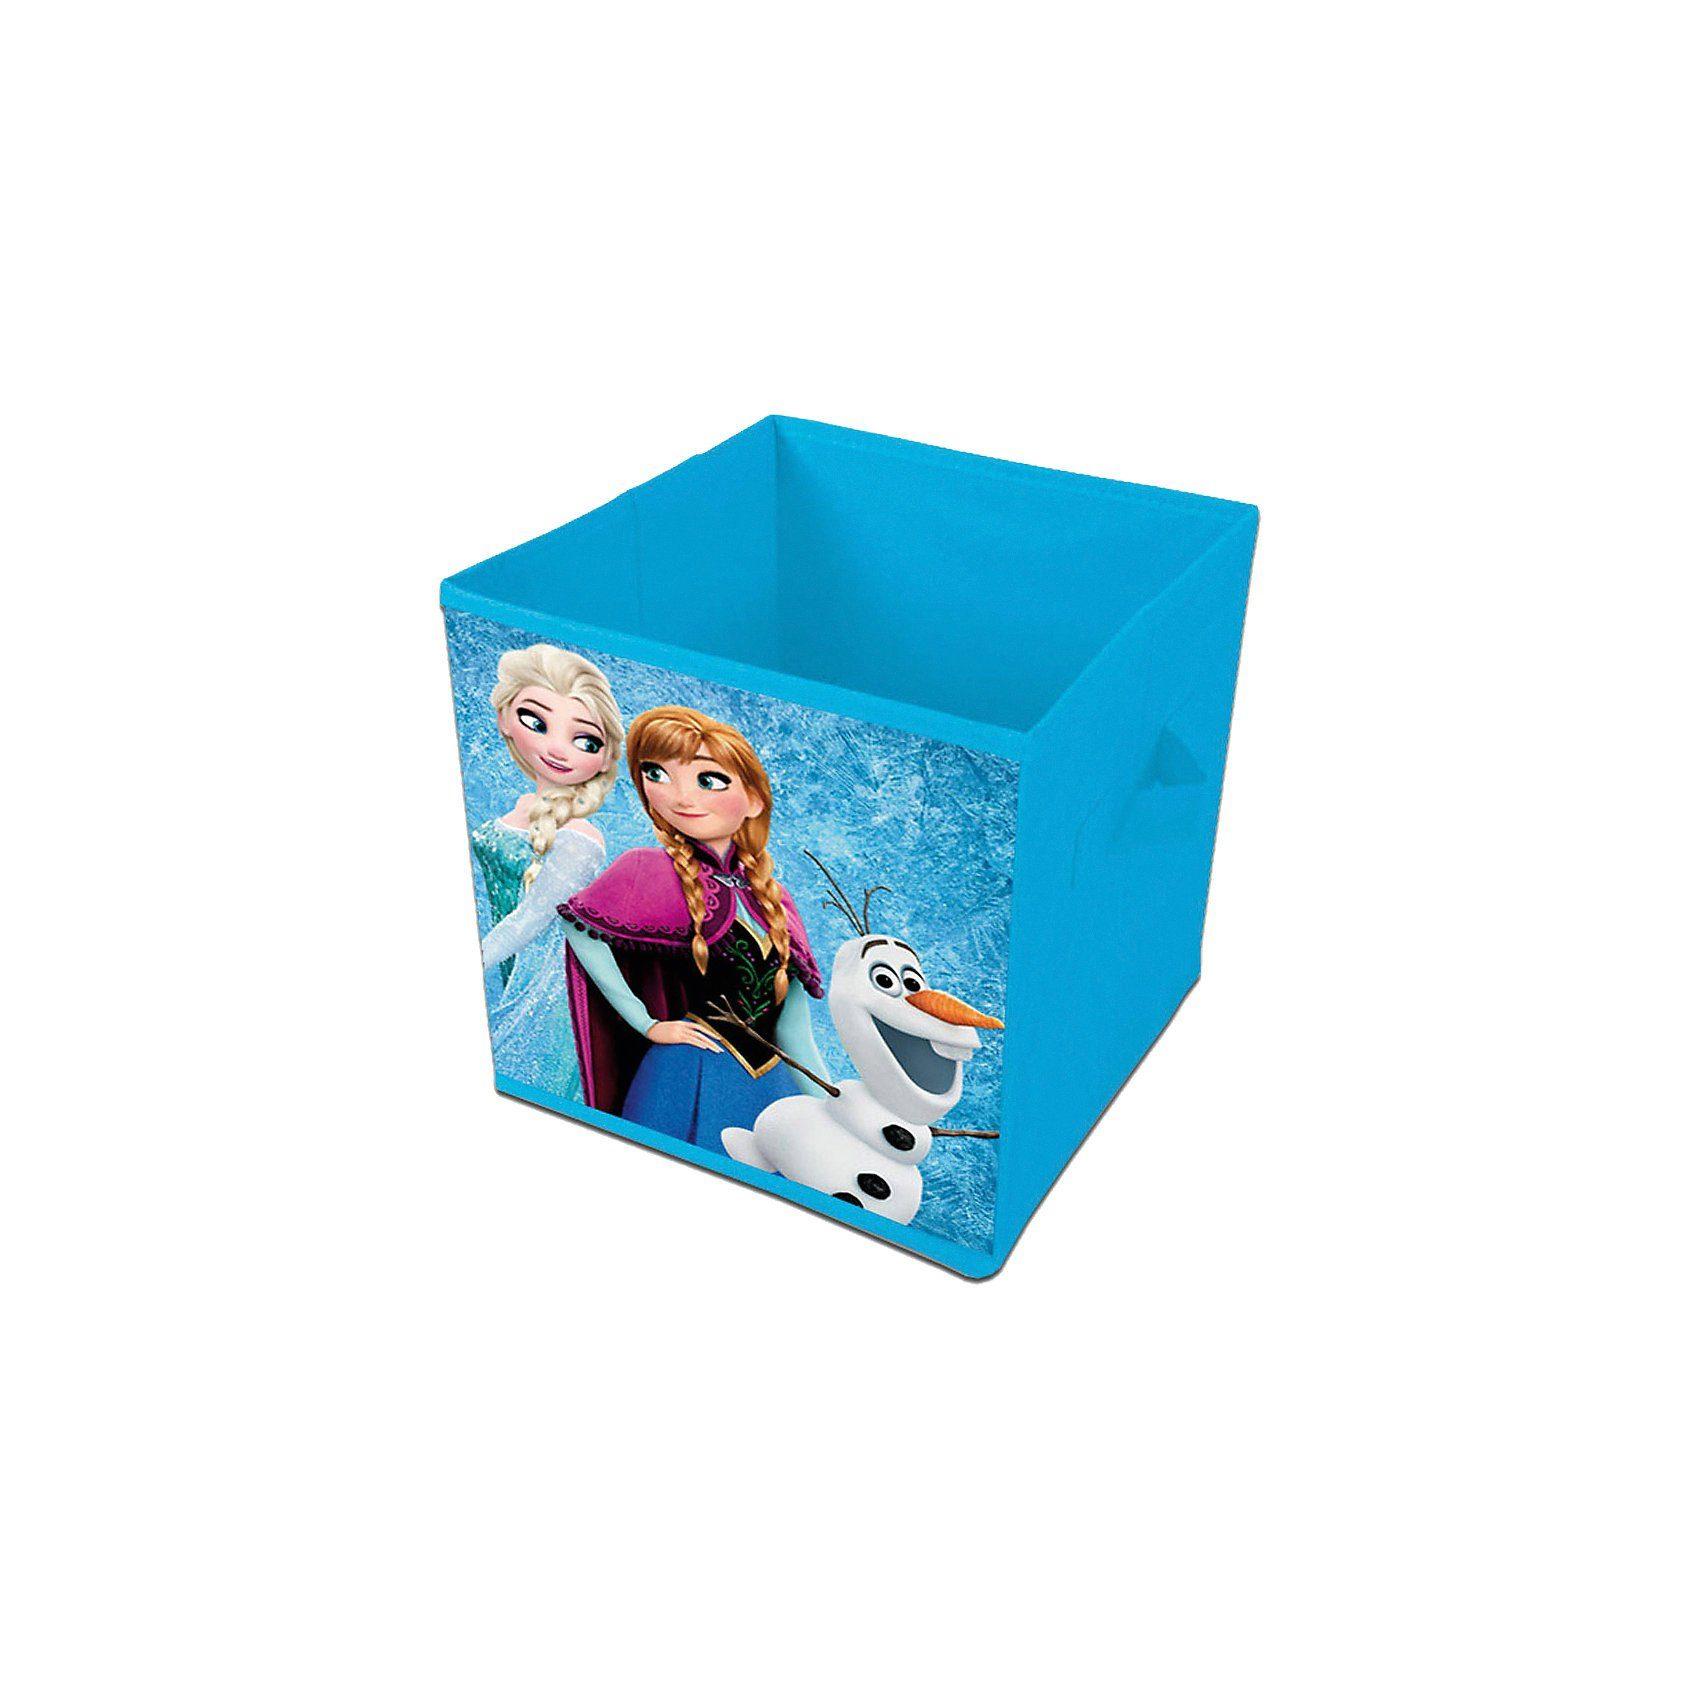 Faltbox Die Eiskönigin, 28 x 28 cm